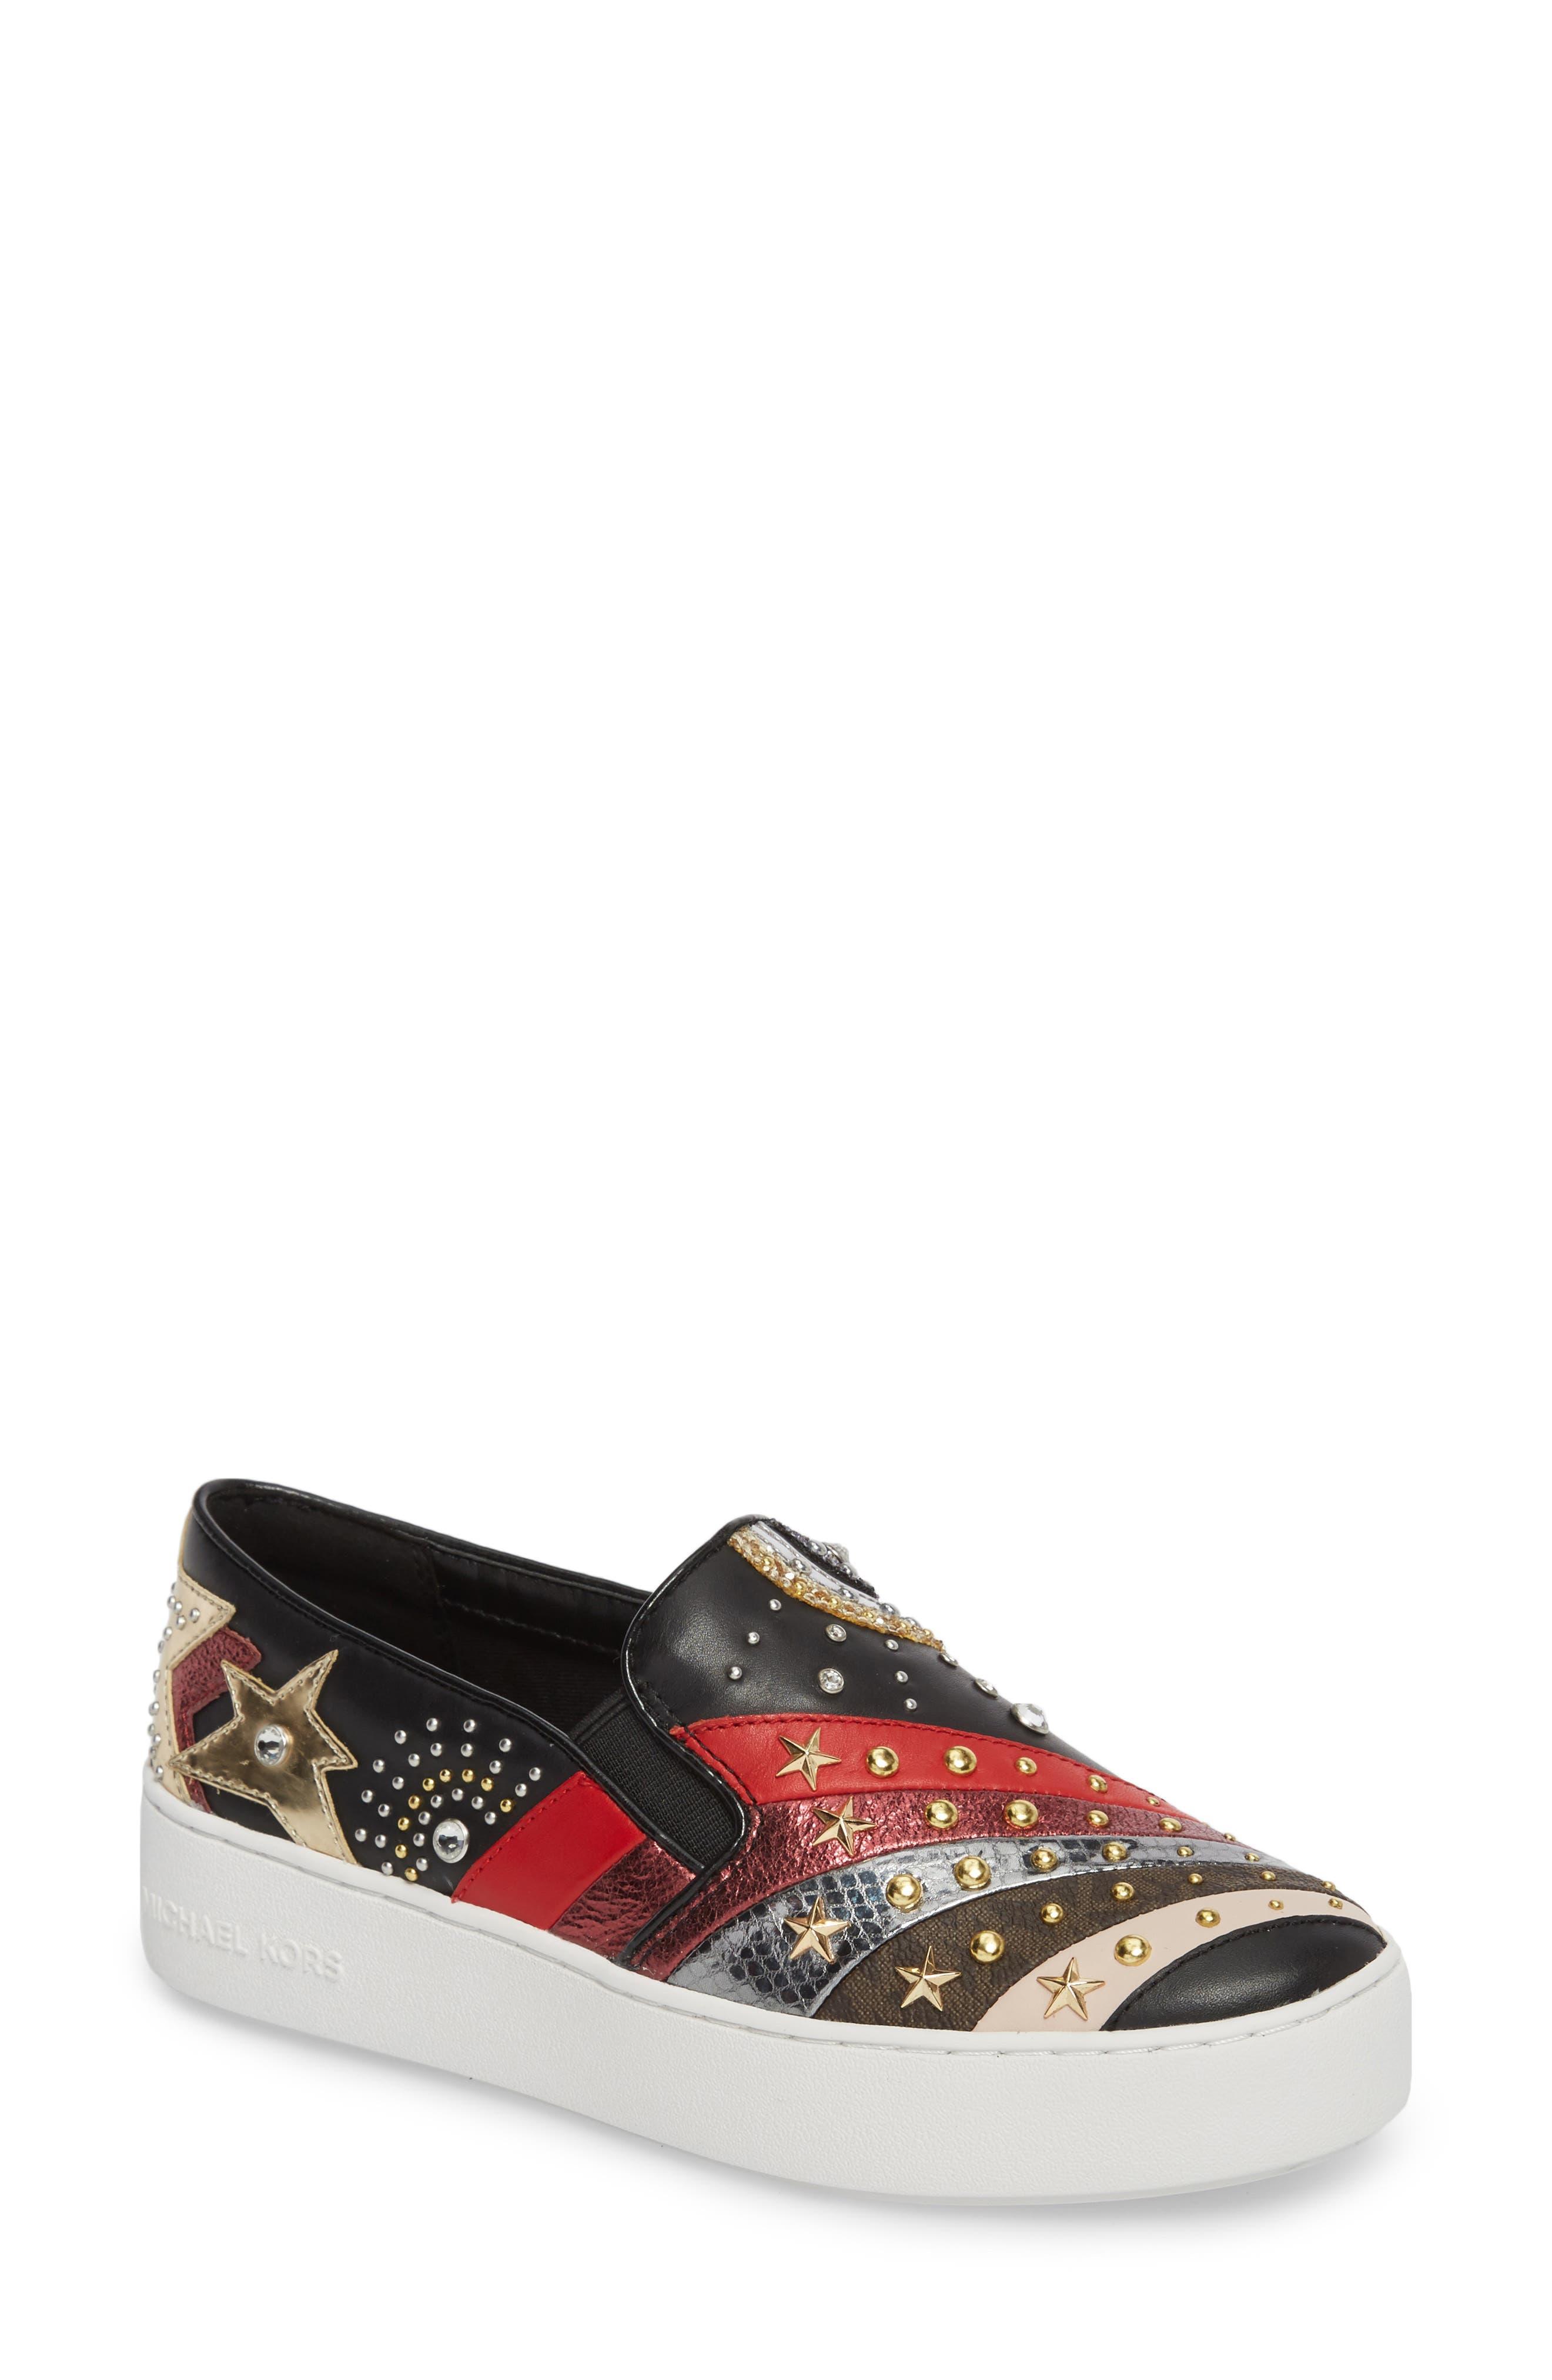 Trent Slip-On Sneaker,                         Main,                         color, Black Firework Print